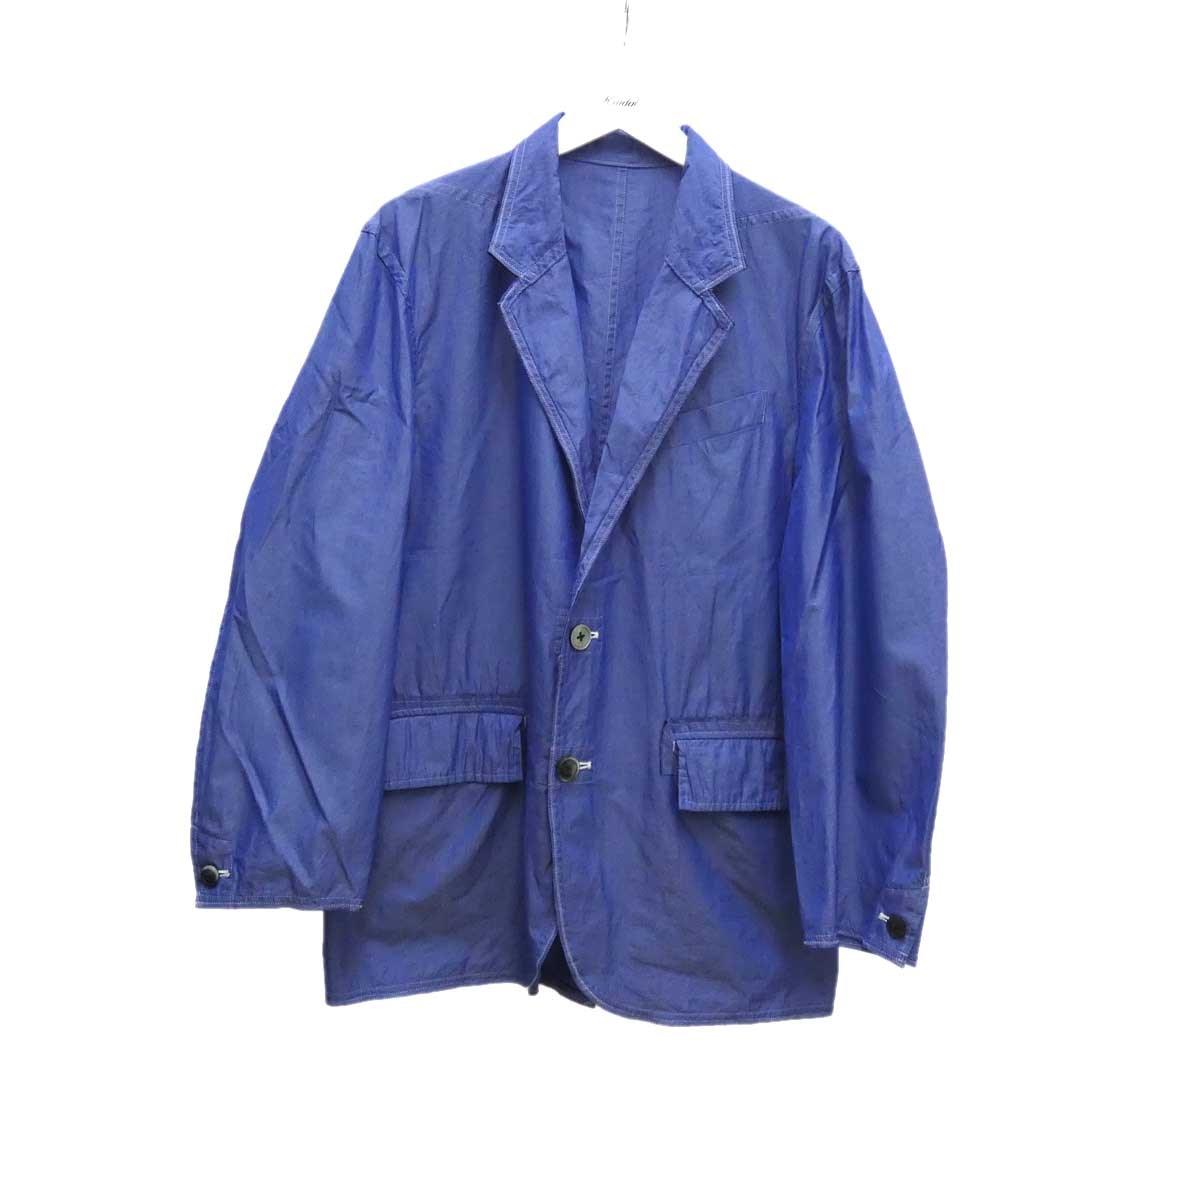 【中古】MAINU シャンブレージャケット スカイブルー サイズ:2 【090720】(マイヌ)